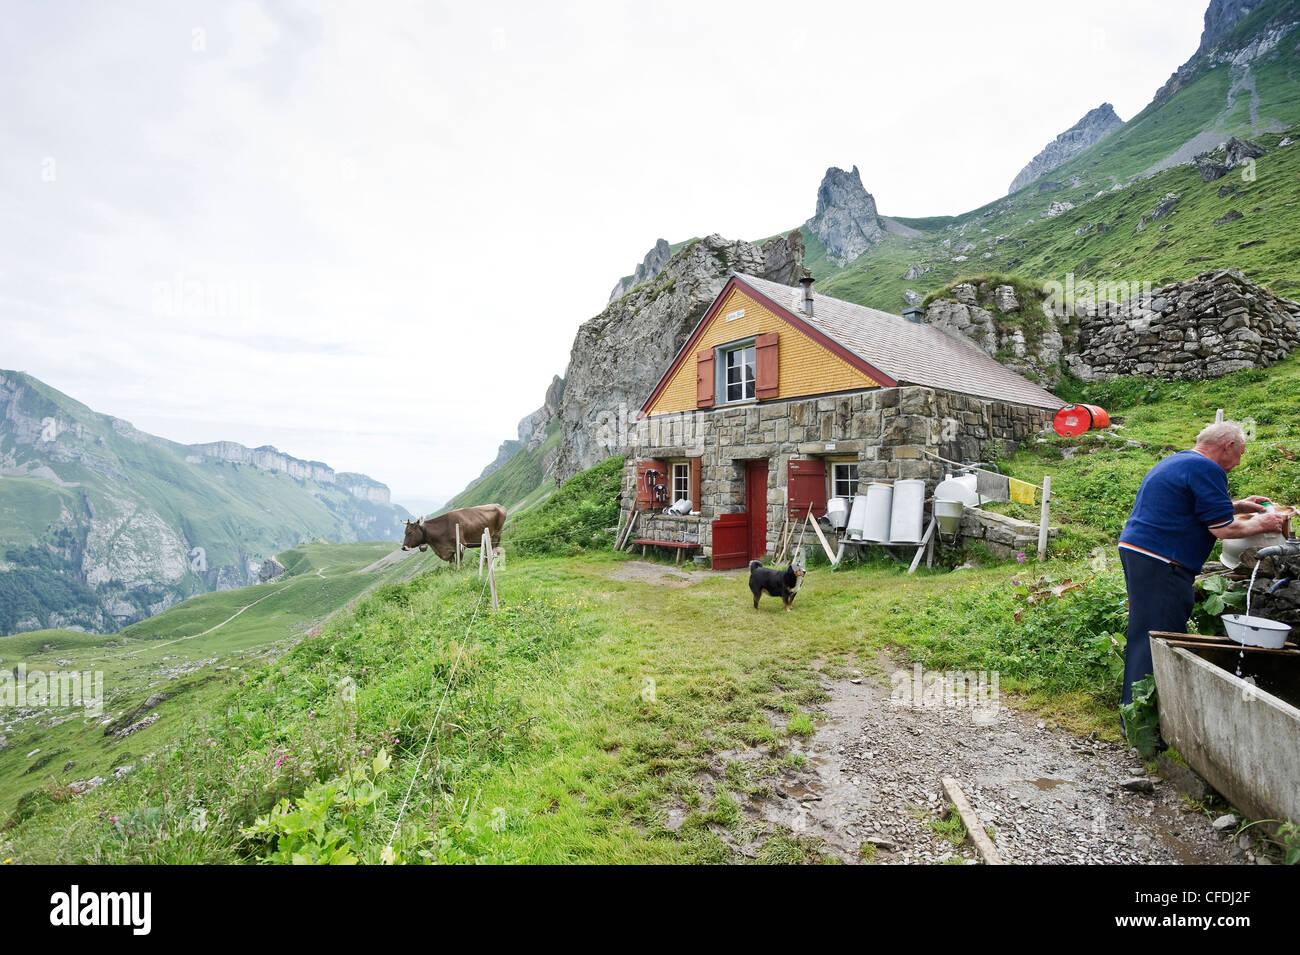 Alphütte auf Meglisalp, Alpsteingebirge, Säntis, Appenzeller Land, Schweiz, Europa Stockbild